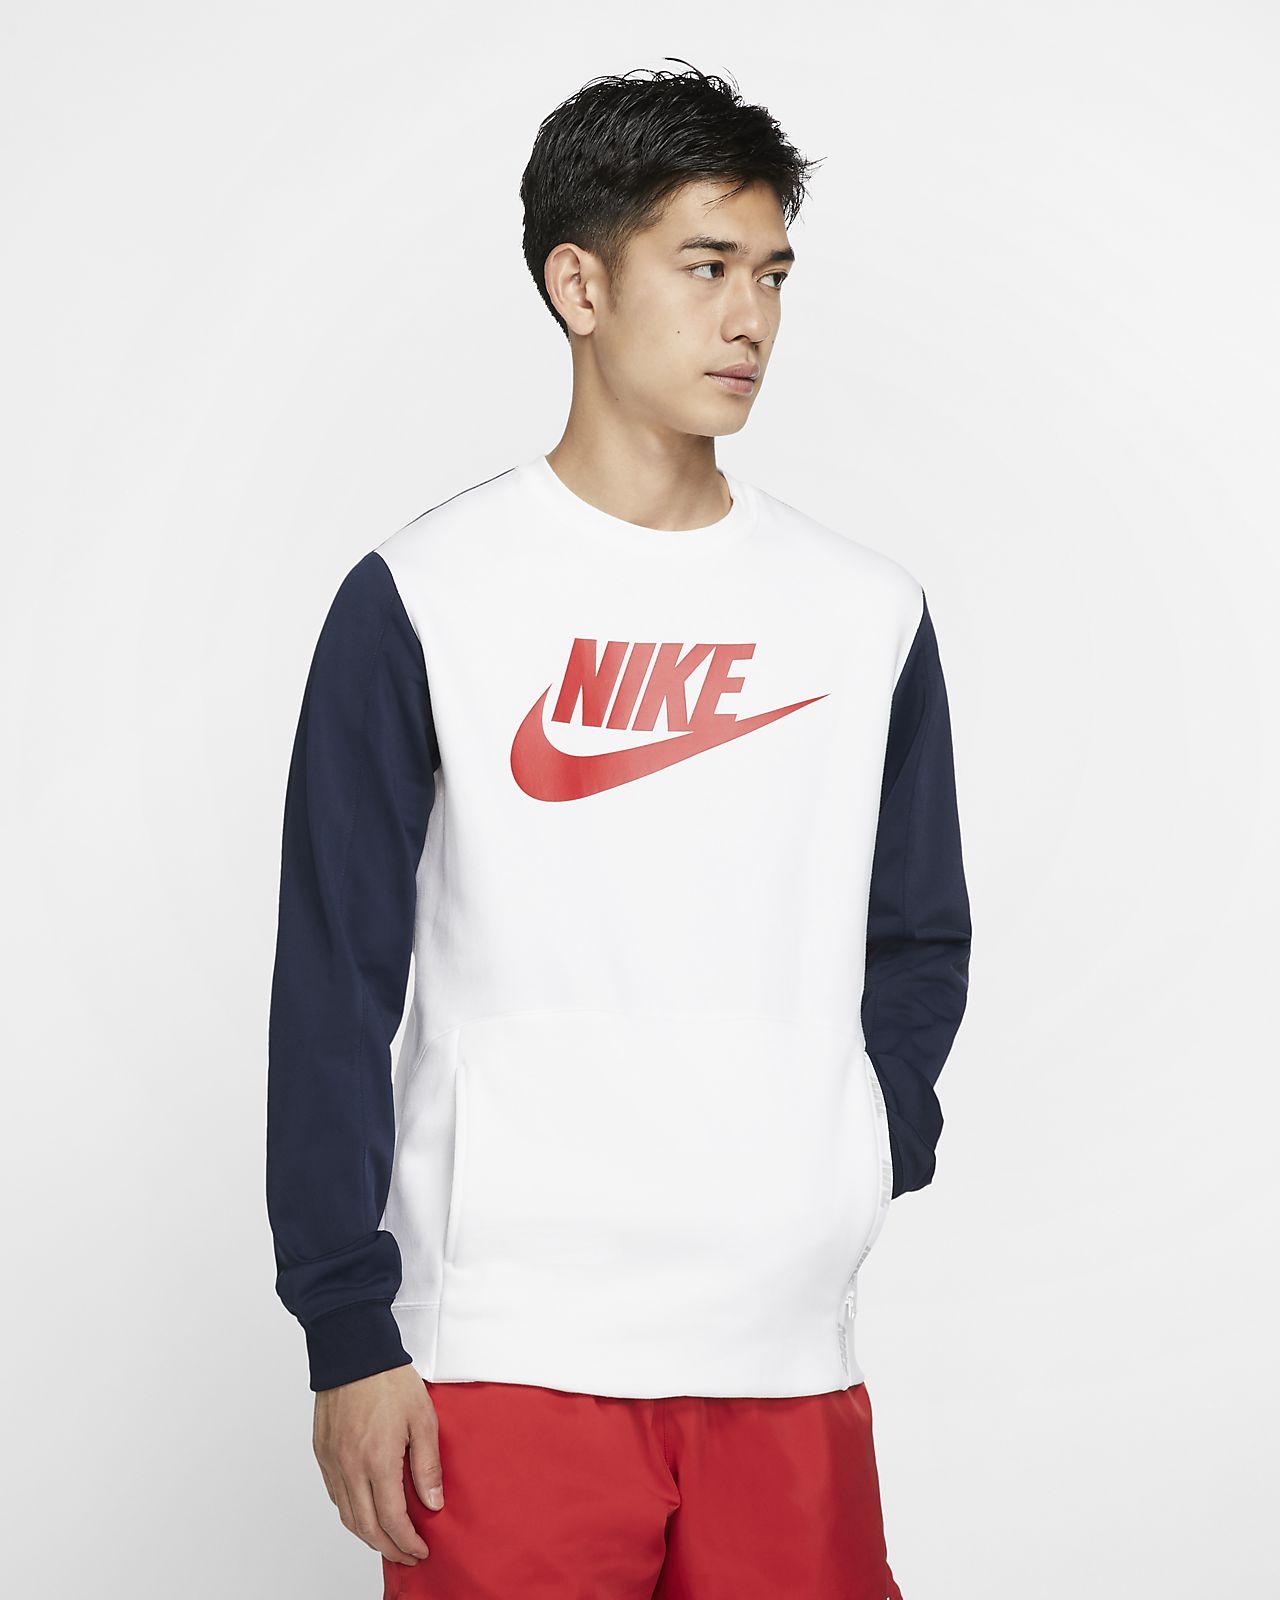 Pánská mikina Nike Sportswear s kulatým výstřihem